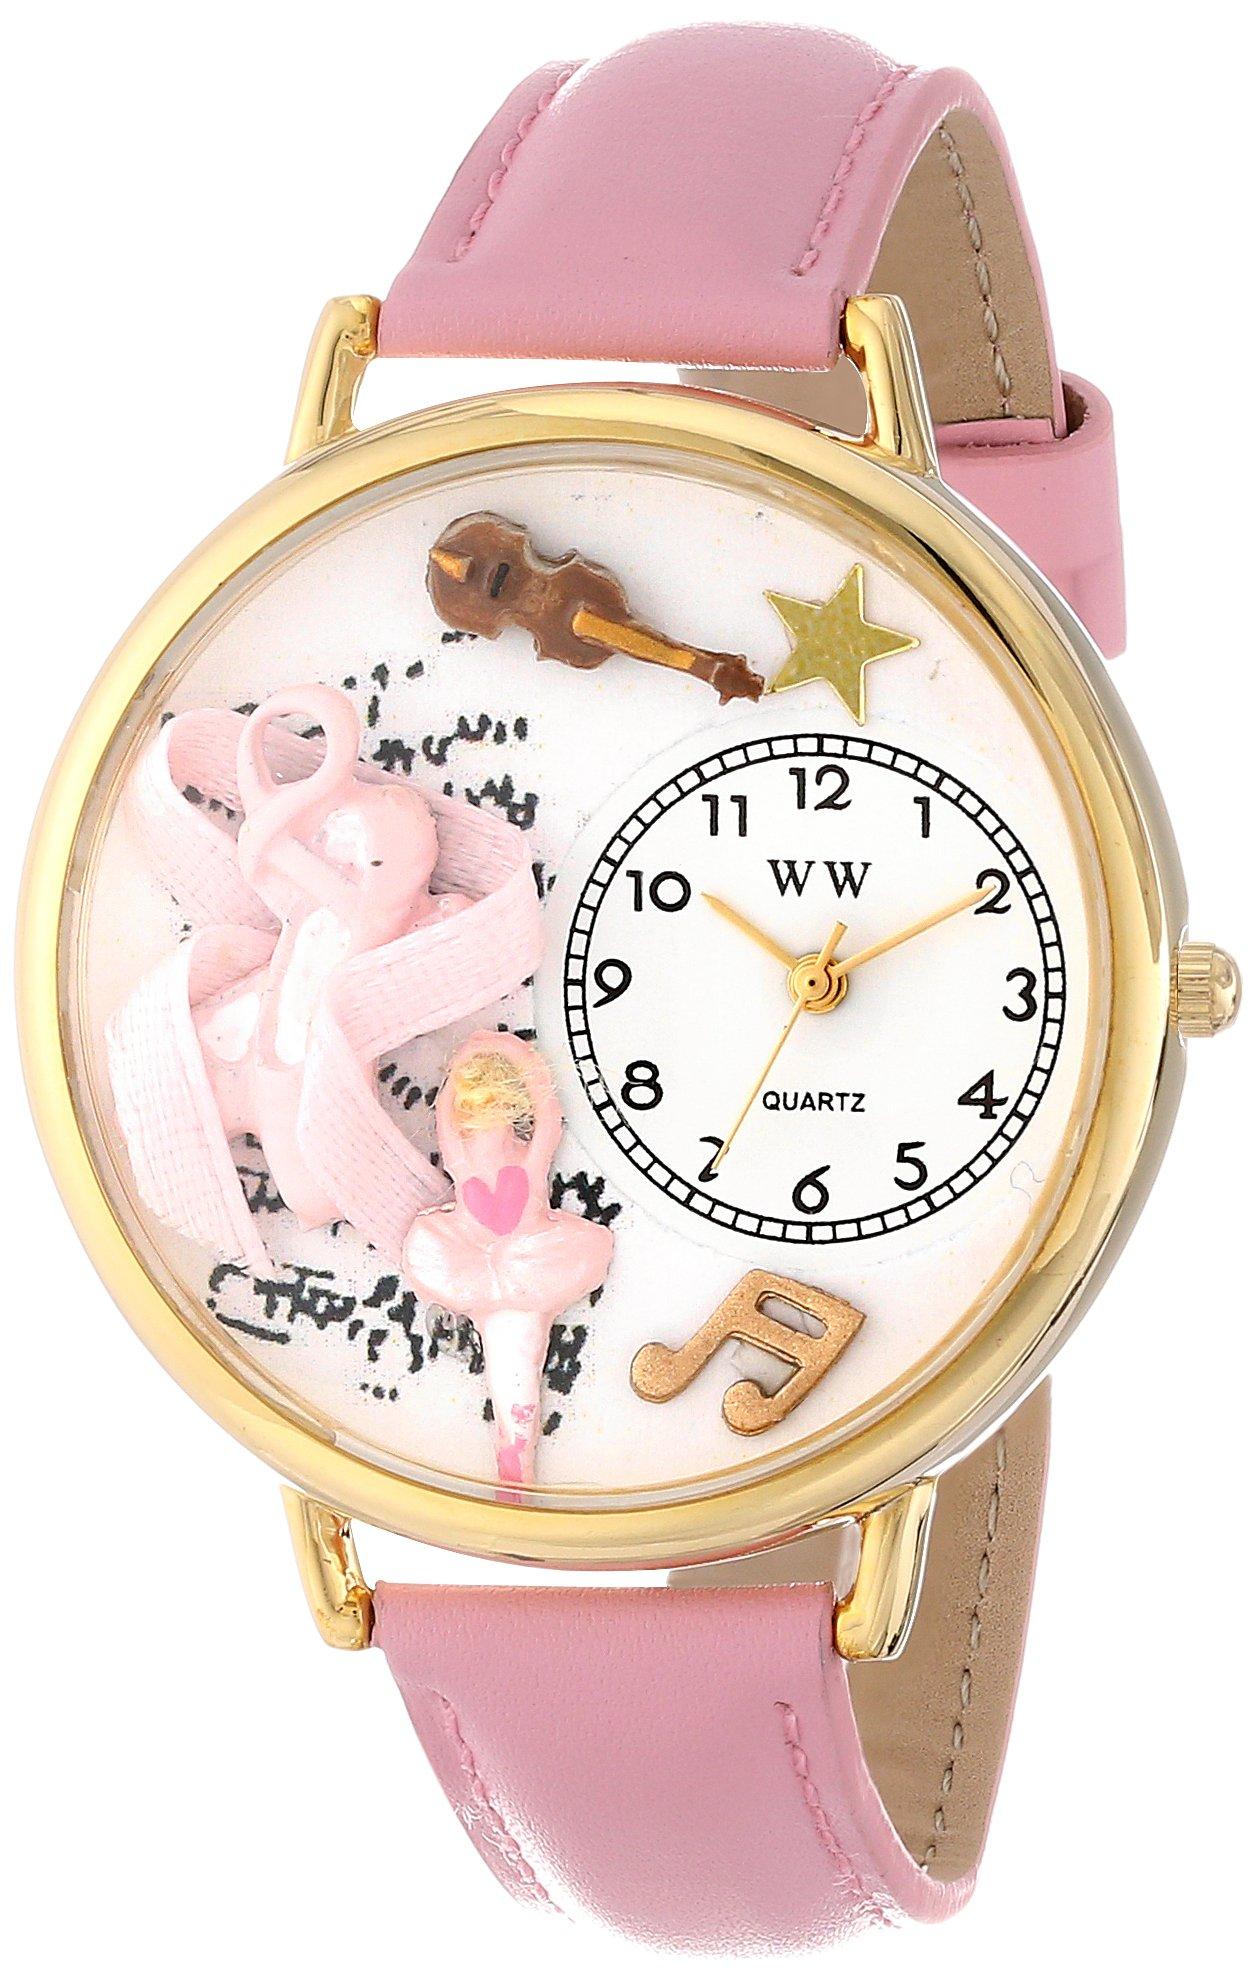 异想天文手表中性款 G0510003 芭蕾舞鞋粉色皮革手表